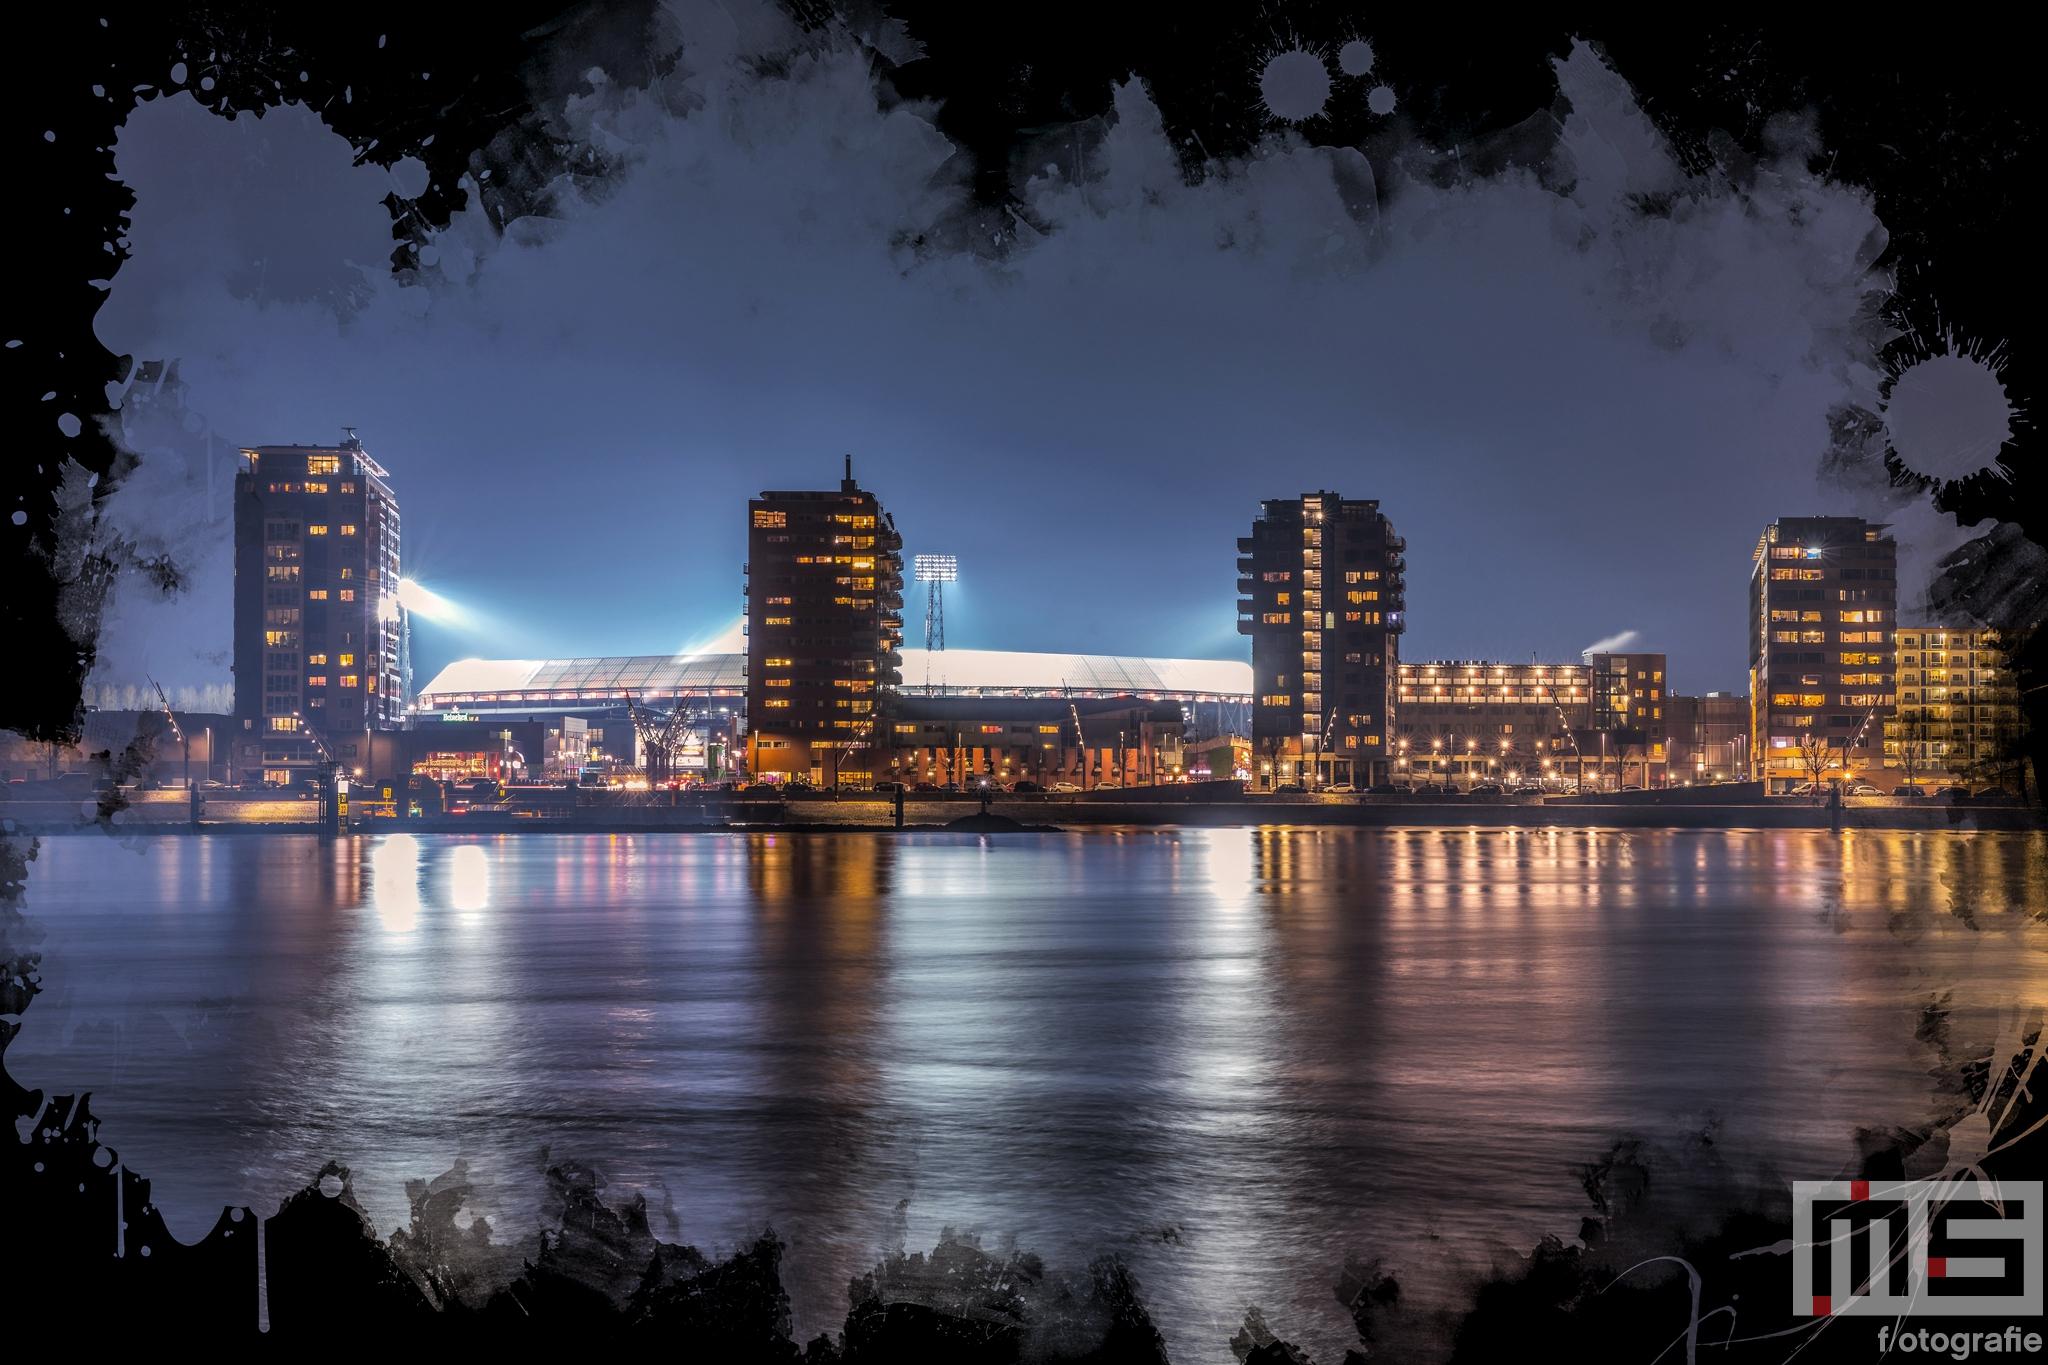 Te Koop   Het Feyenoord Art Stadion De Kuip in Rotterdam vanaf het water